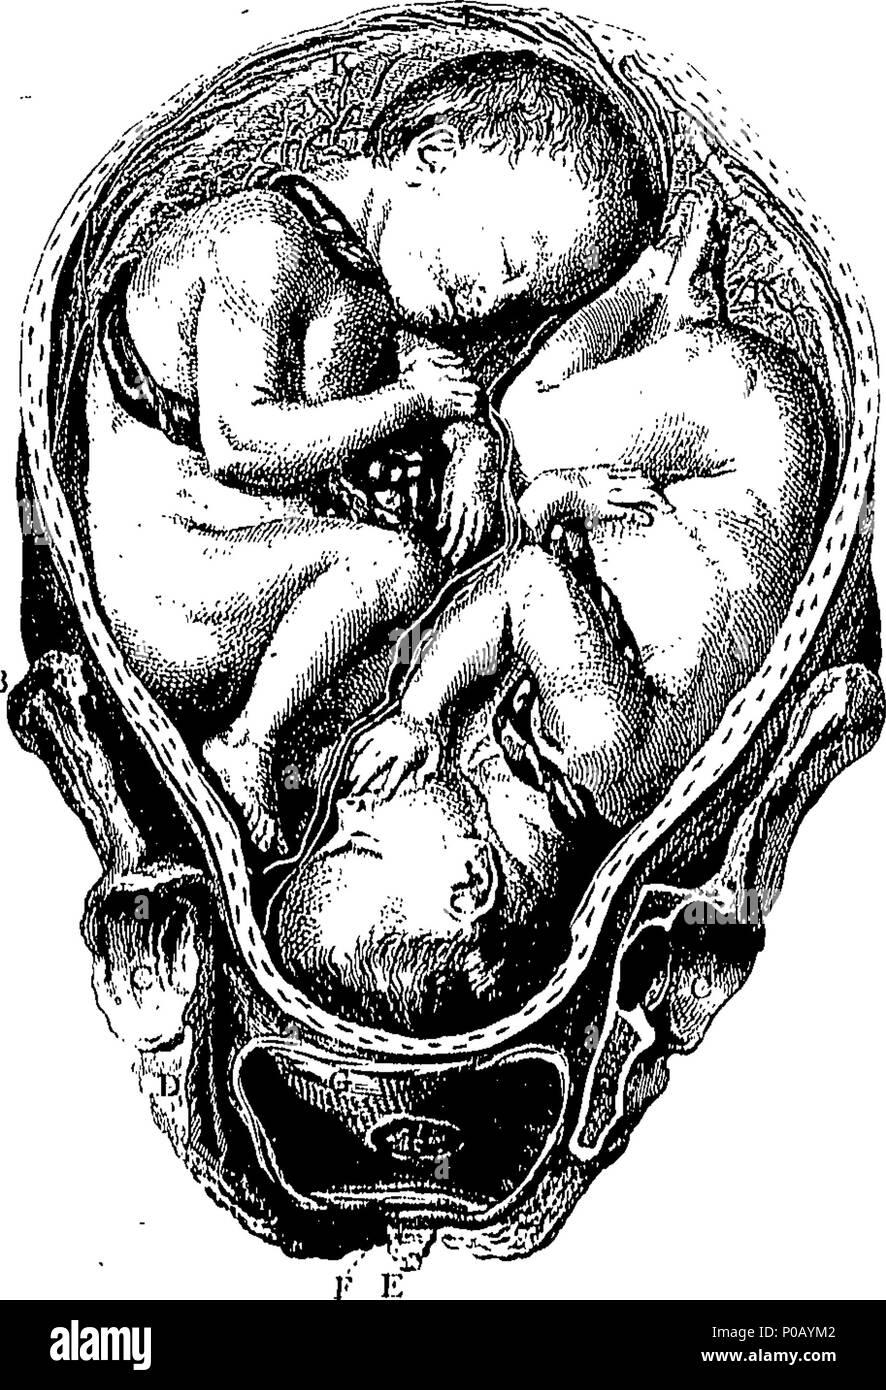 Ungewöhnlich Vater Der Anatomie Und Physiologie Ideen - Menschliche ...